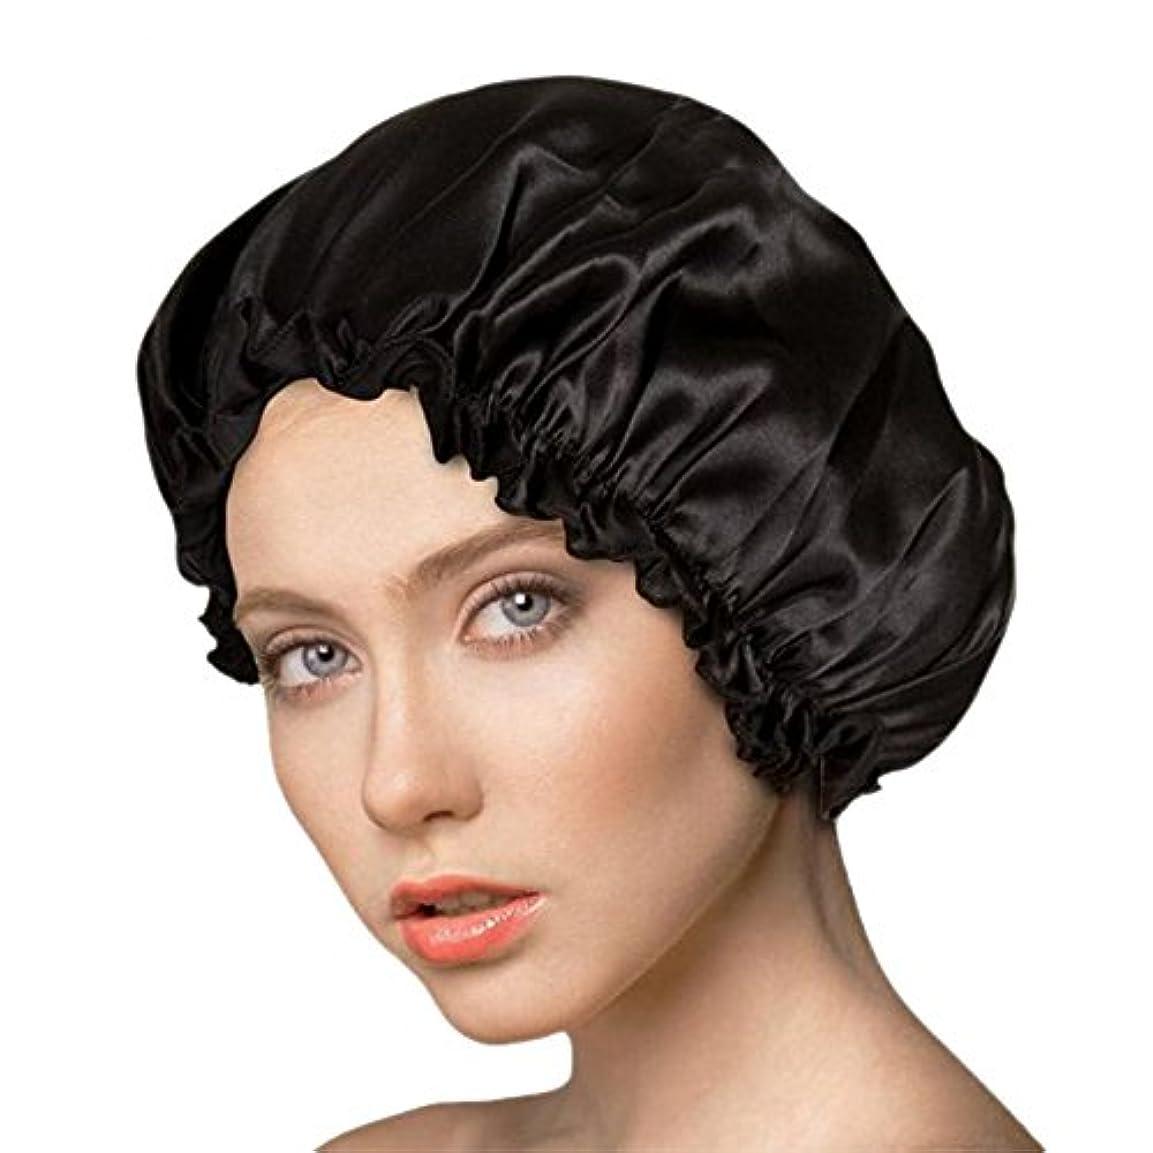 コカイン隔離登場アンミダ(ANMIDA)シルク100%ナイトキャップ 天然シルク ナイトキャップ ヘアーキャップ メンズ レディース 美髪 就寝用帽子 室内帽子 通気性抜群